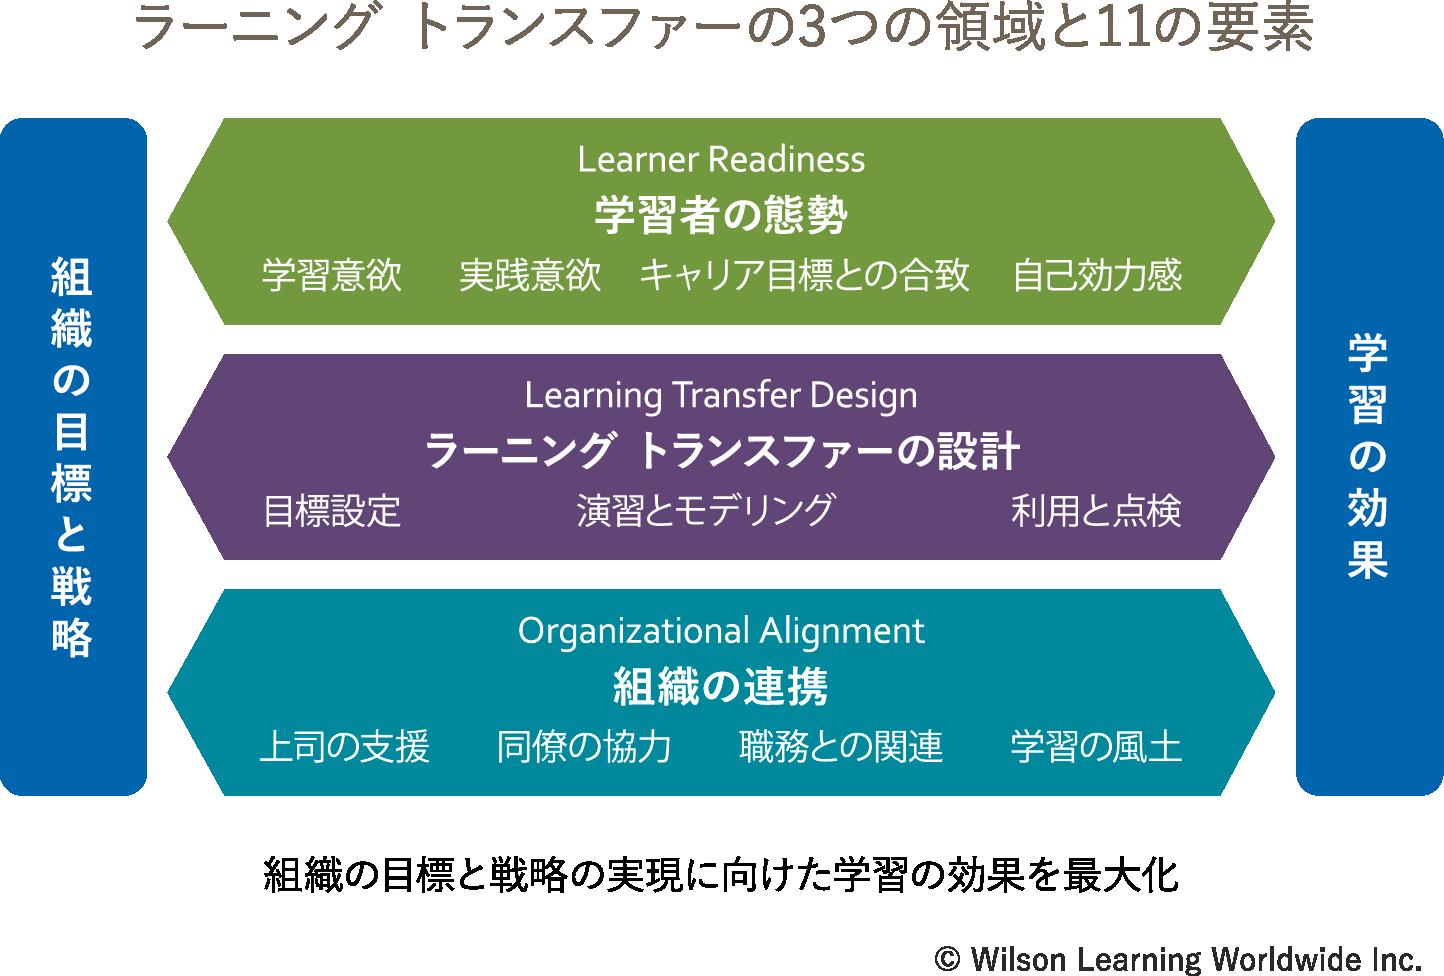 ラーニング・トランスファーの3つの領域と11の要素